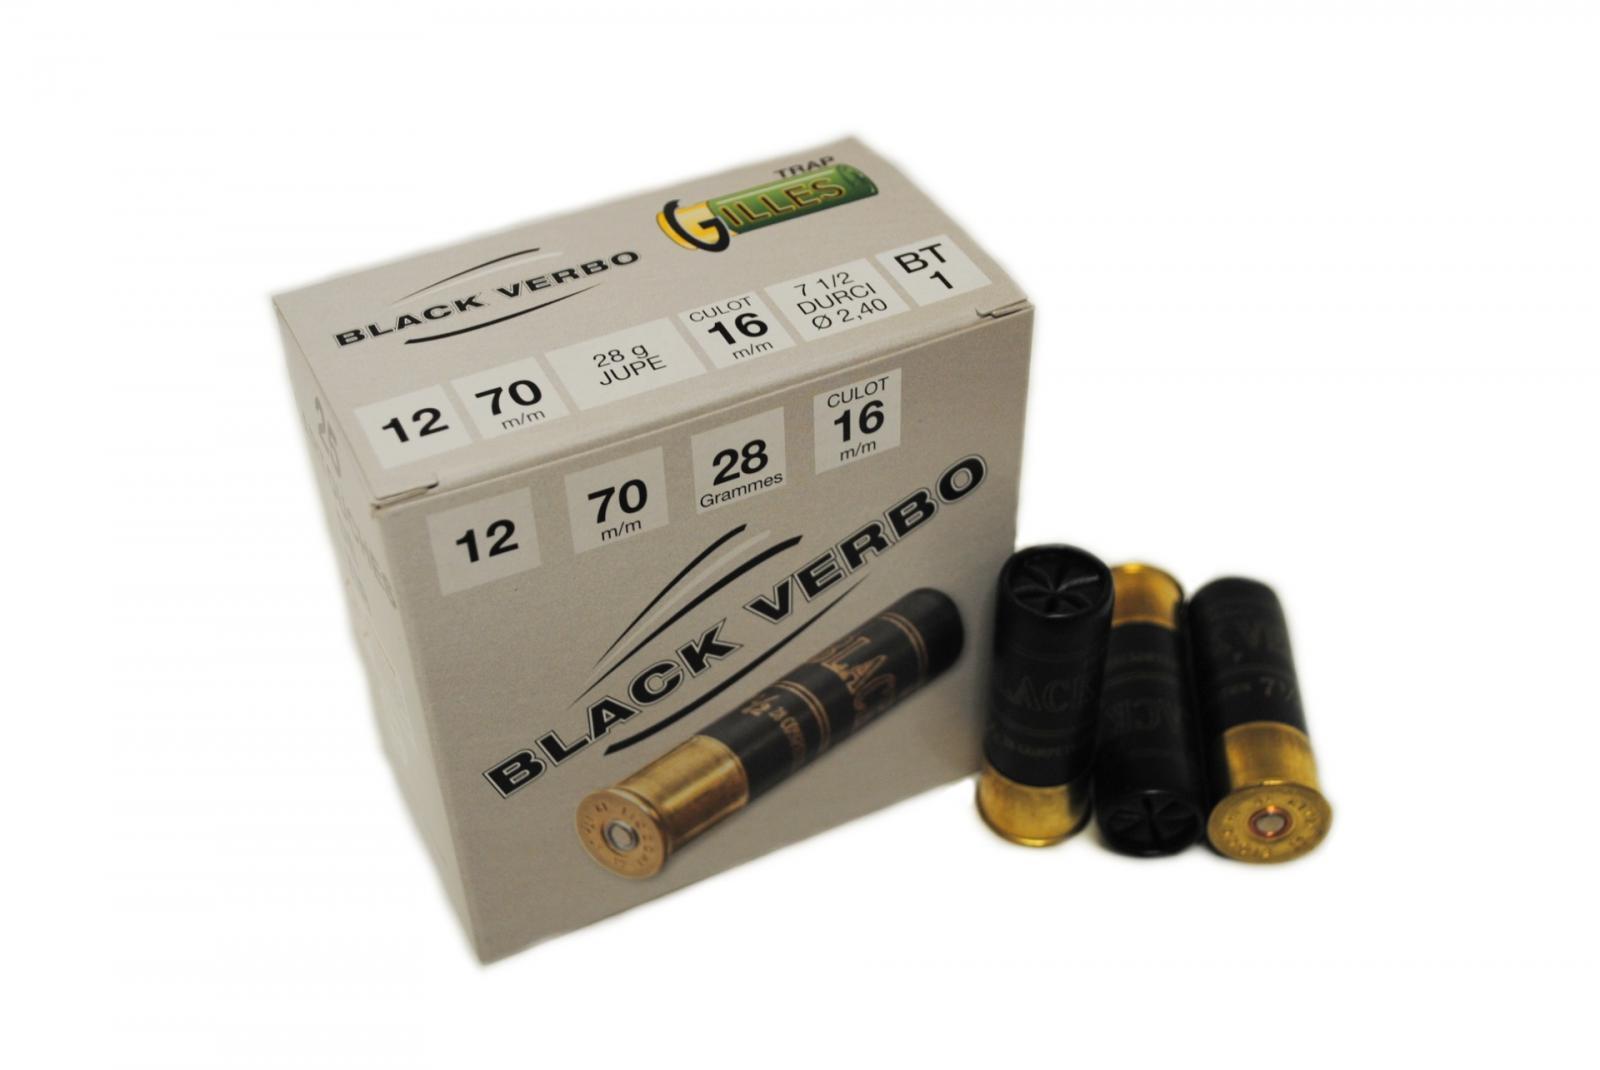 Boite de 25 cartouches BLACK VERBO cal 12 BT1